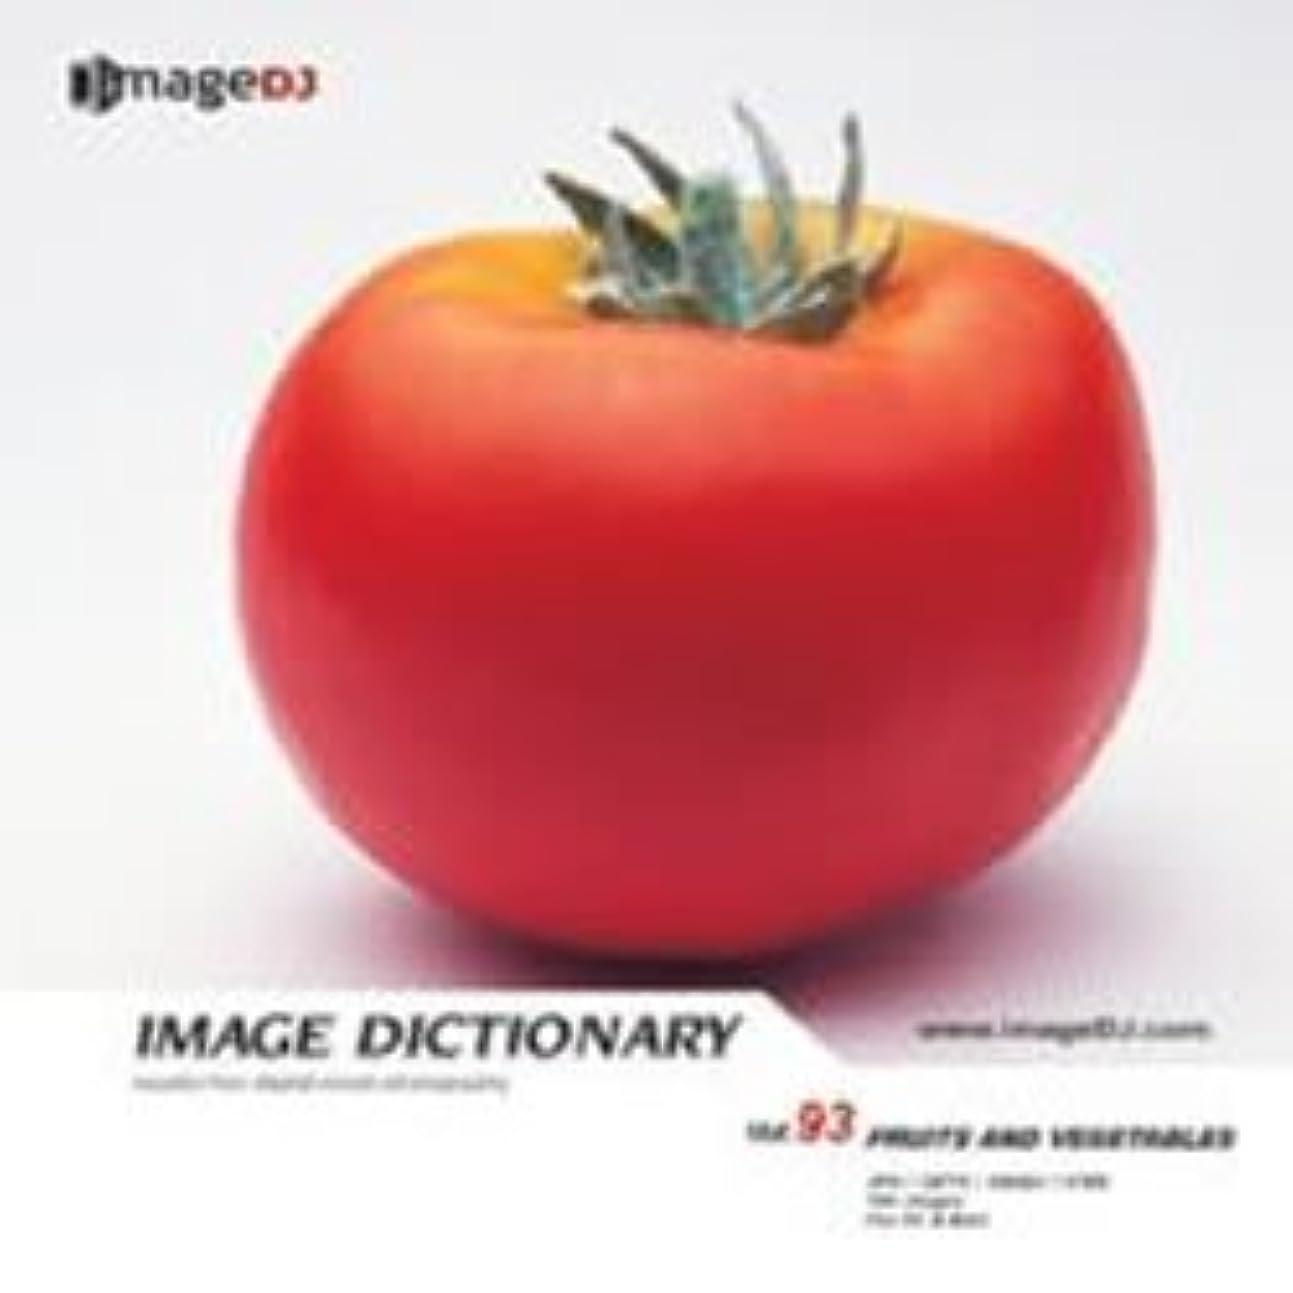 イメージ ディクショナリー Vol.93 果物と野菜